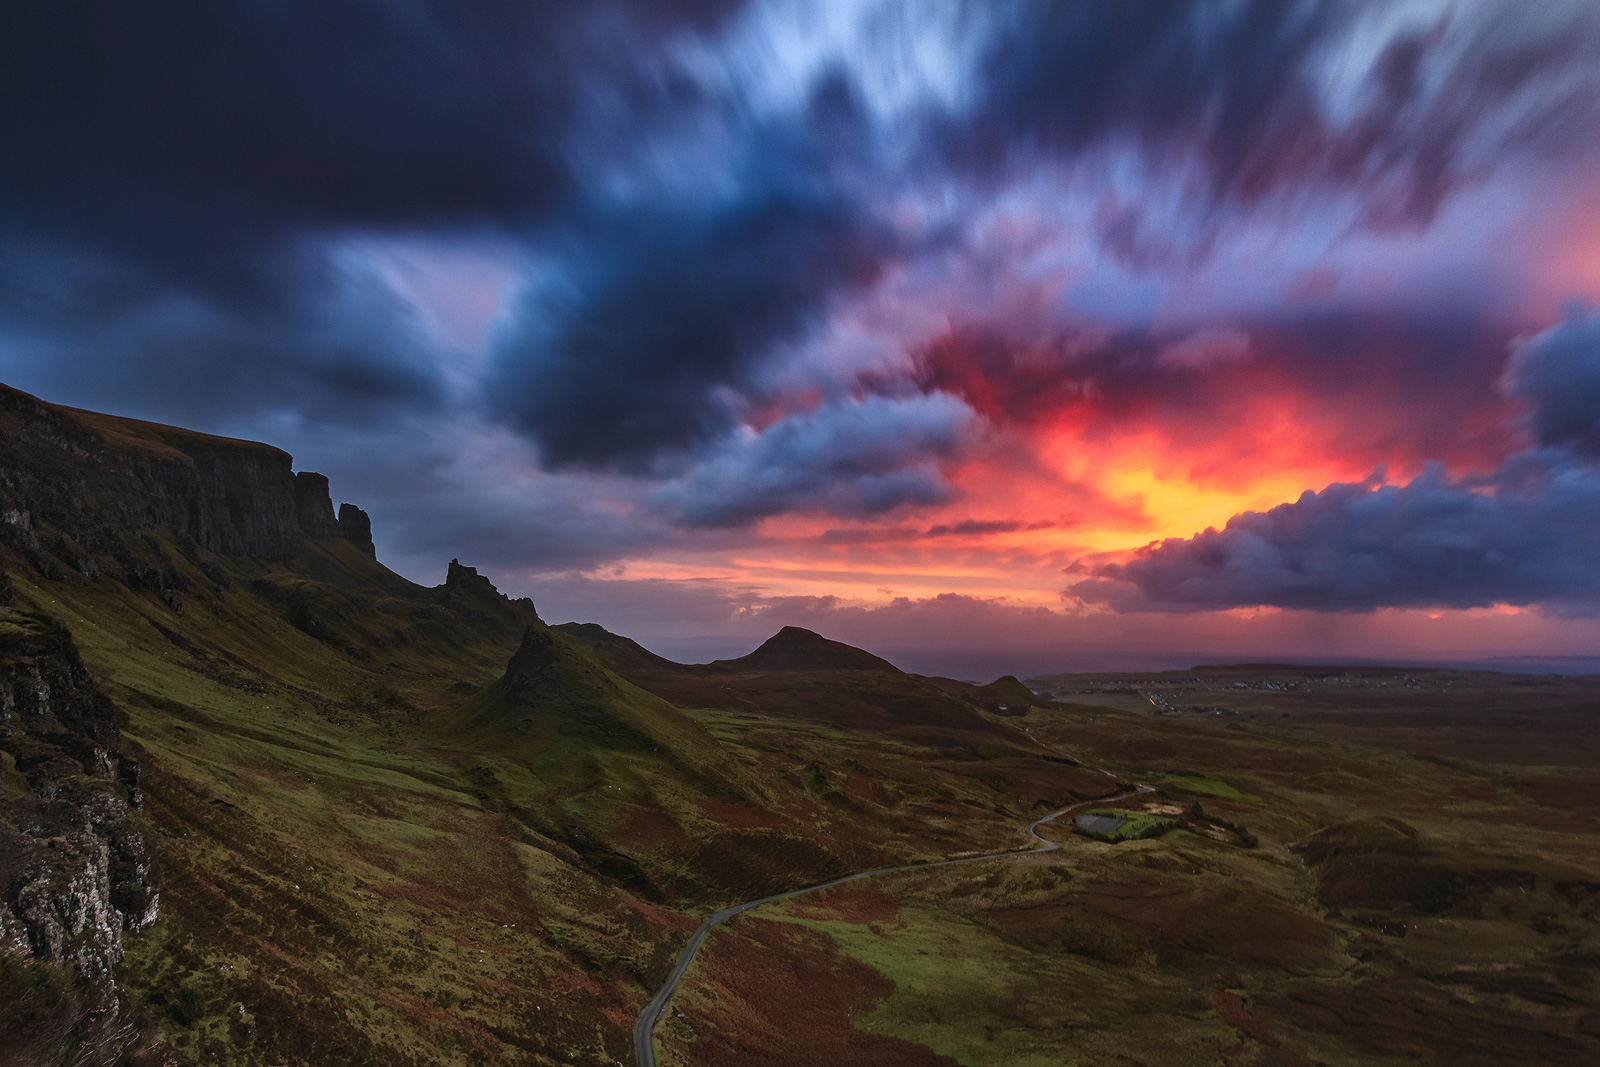 Sonnenaufgang auf der Isle of Skye, abenteuerfotoreise